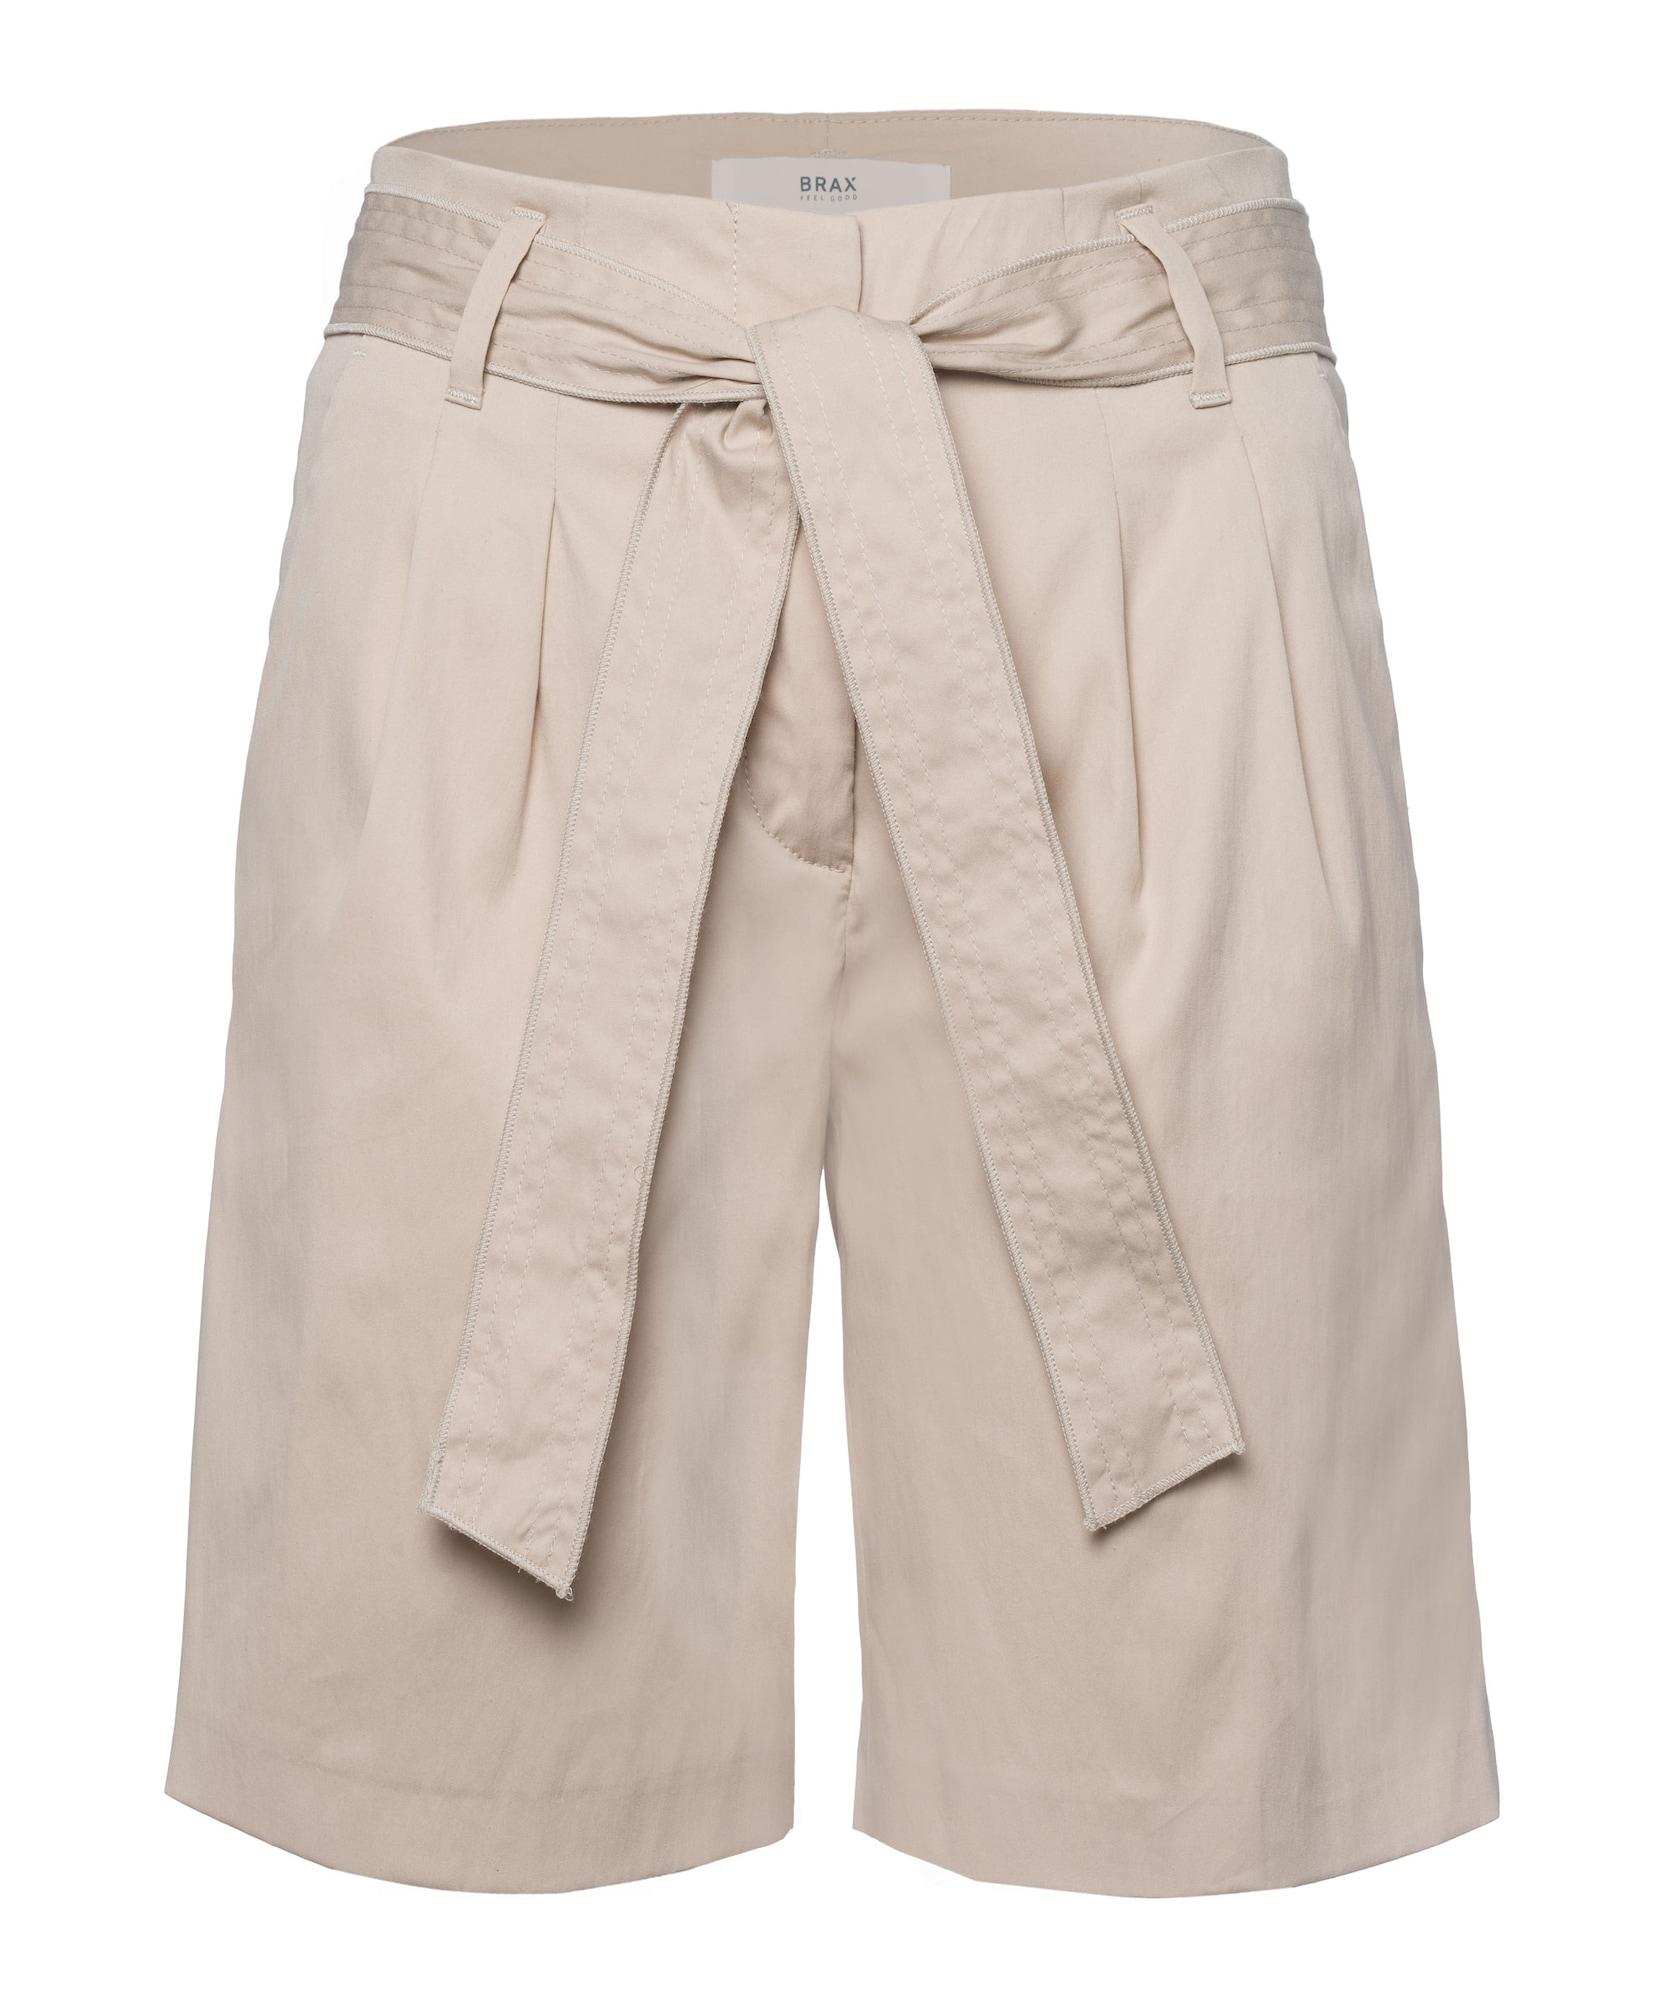 BRAX Klostuotos kelnės 'Milla B' smėlio